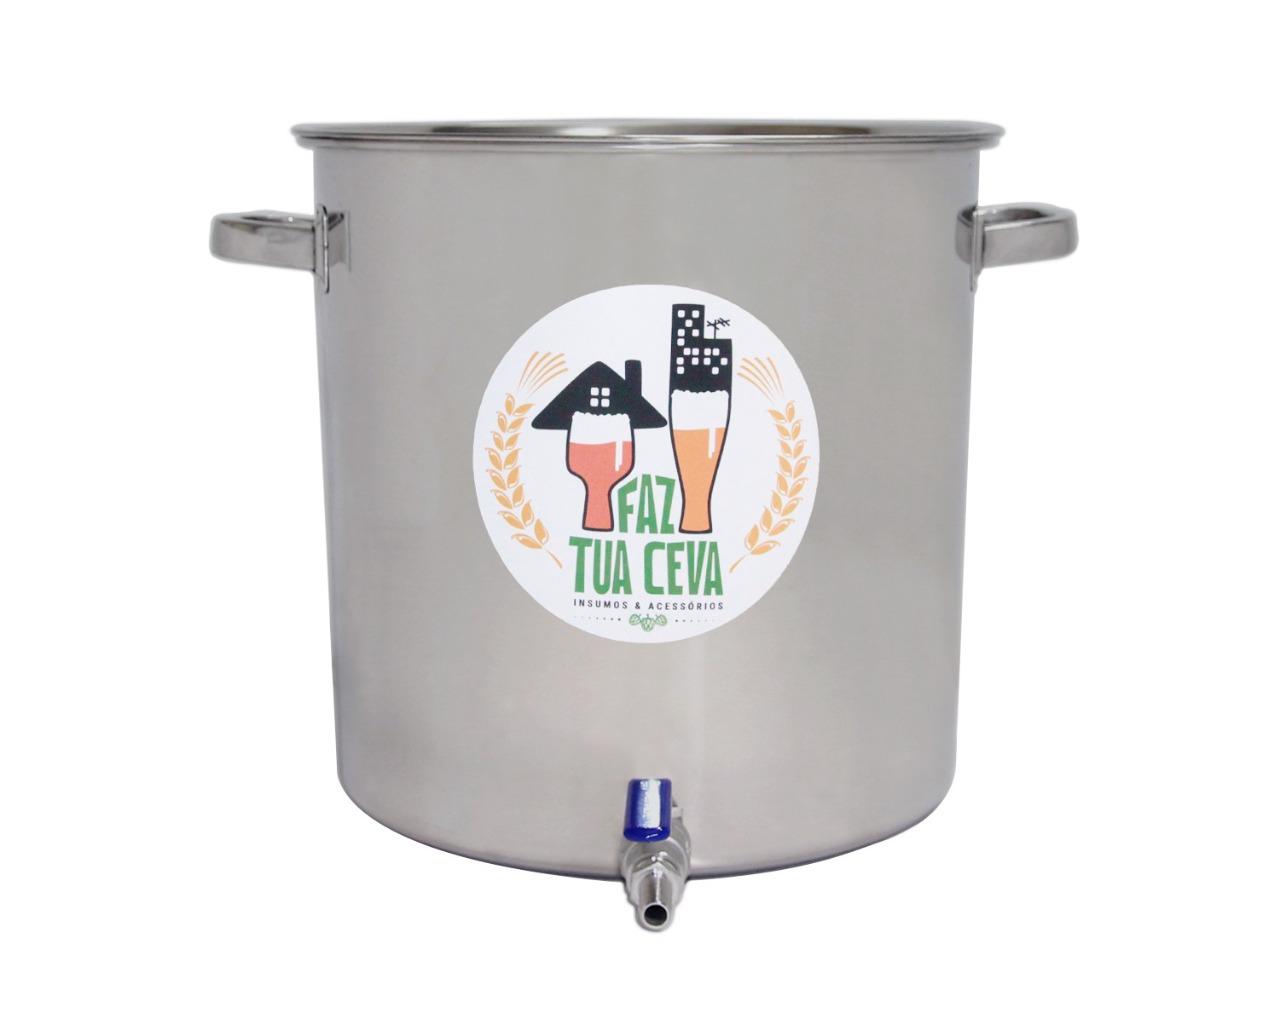 Caldeirão/Panela Cervejeira INOX 201 com Registro 20L - nº 30